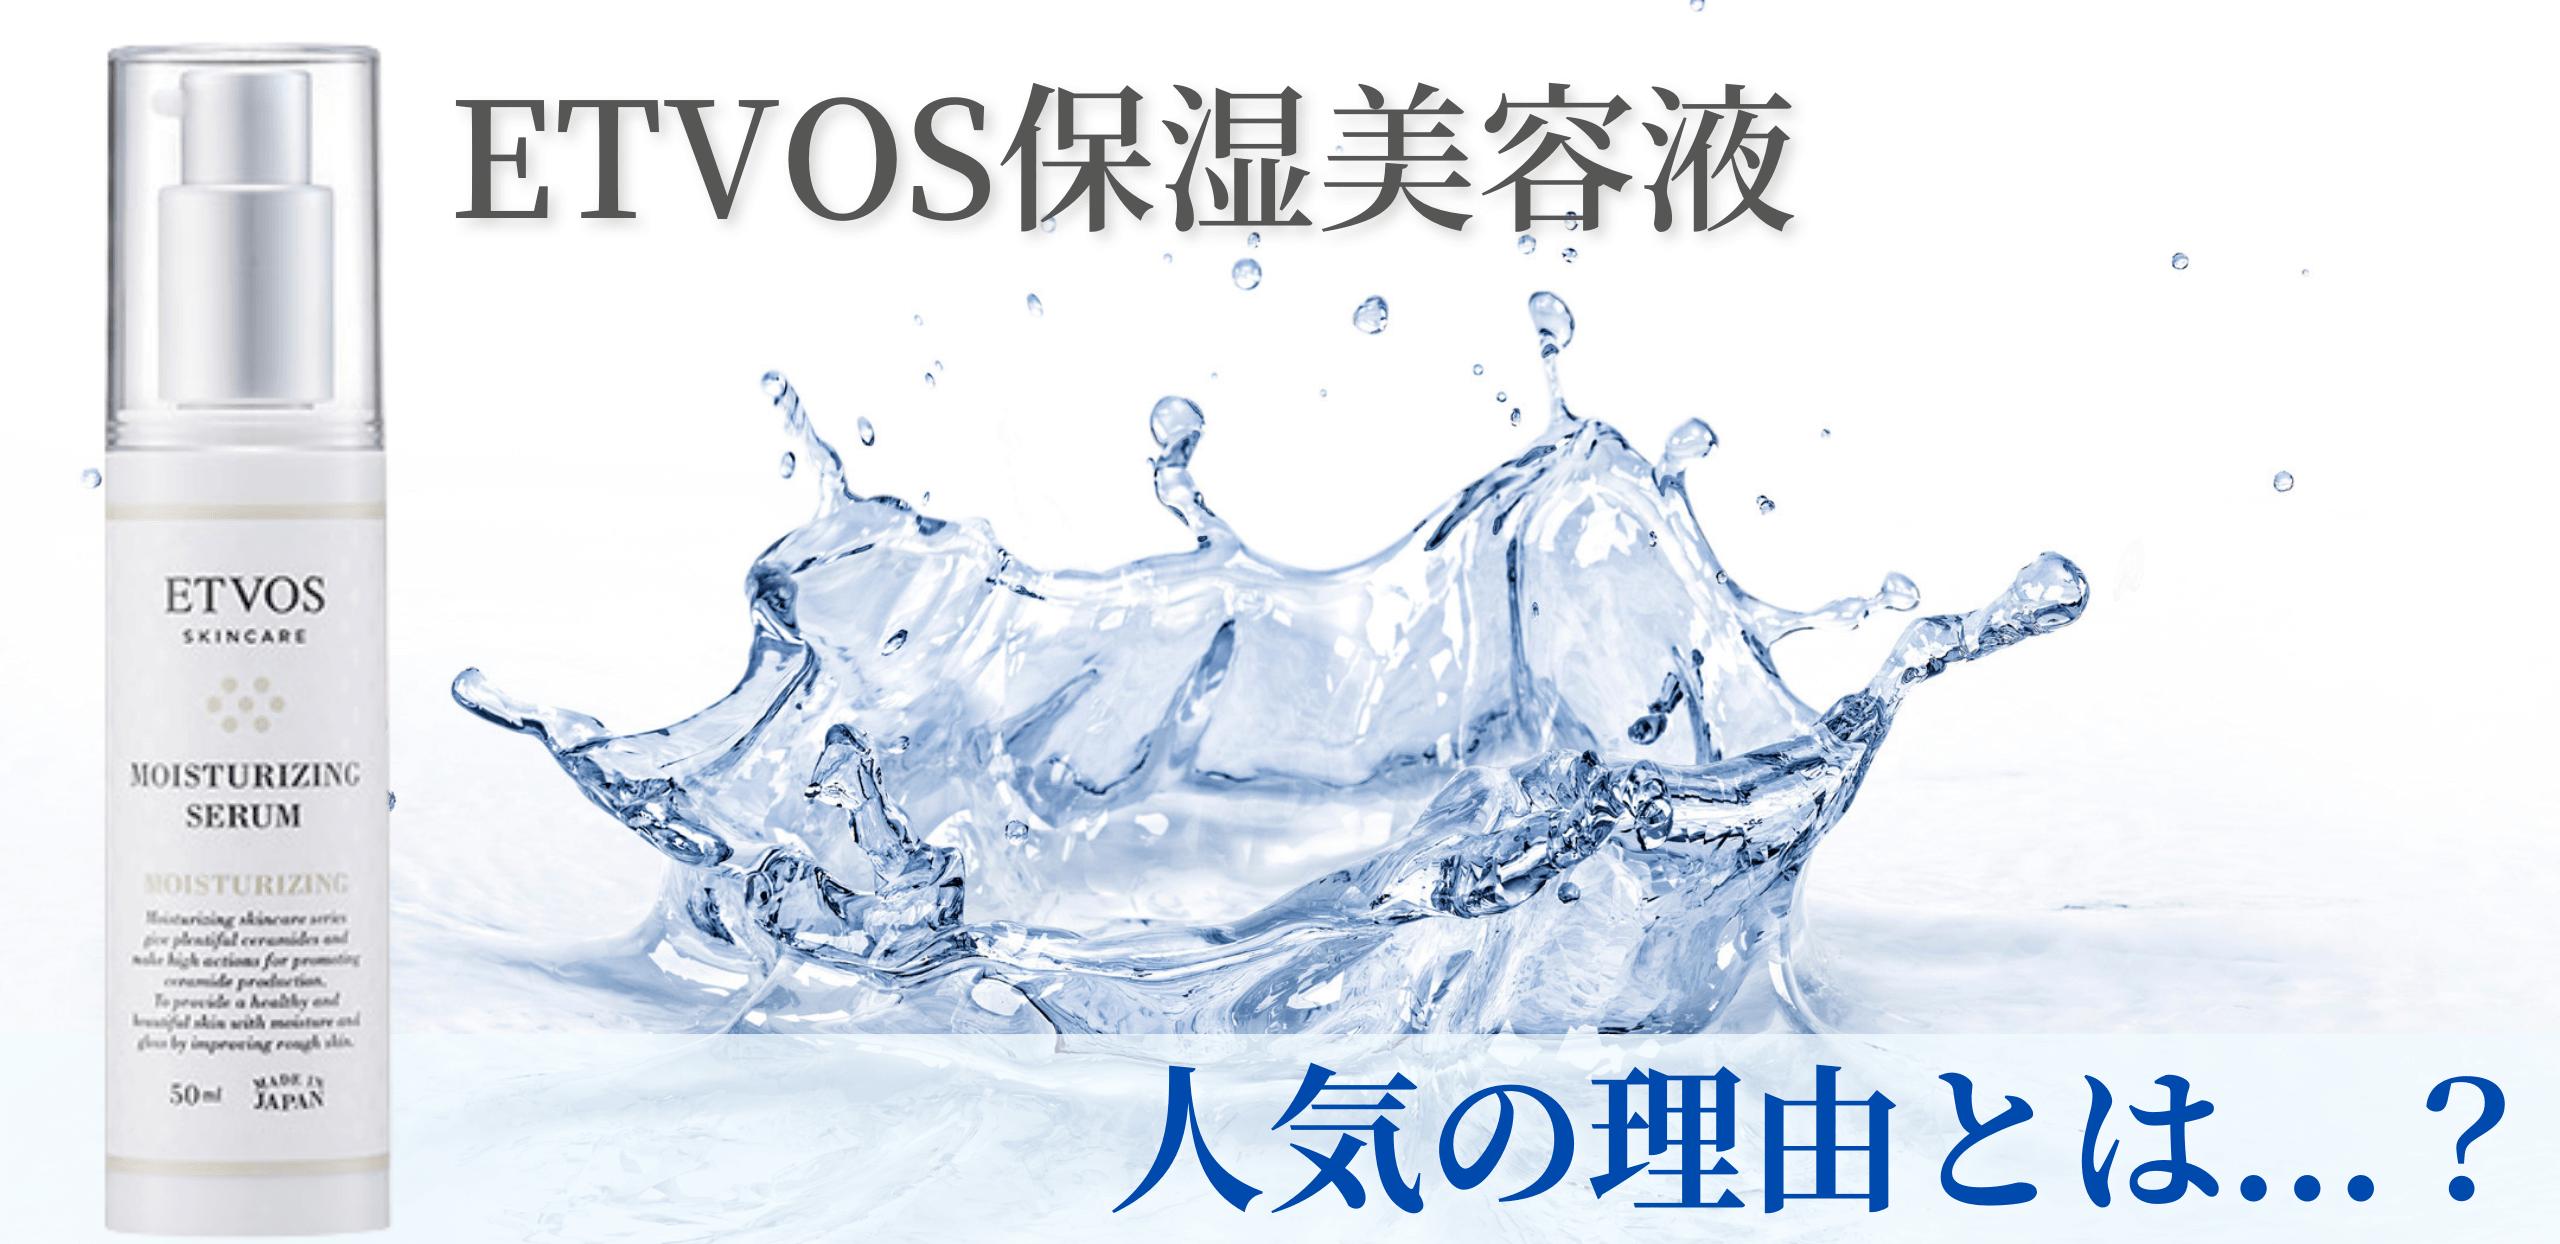 エトヴォス保湿美容液(モイスチャライジングセラム)が人気の理由